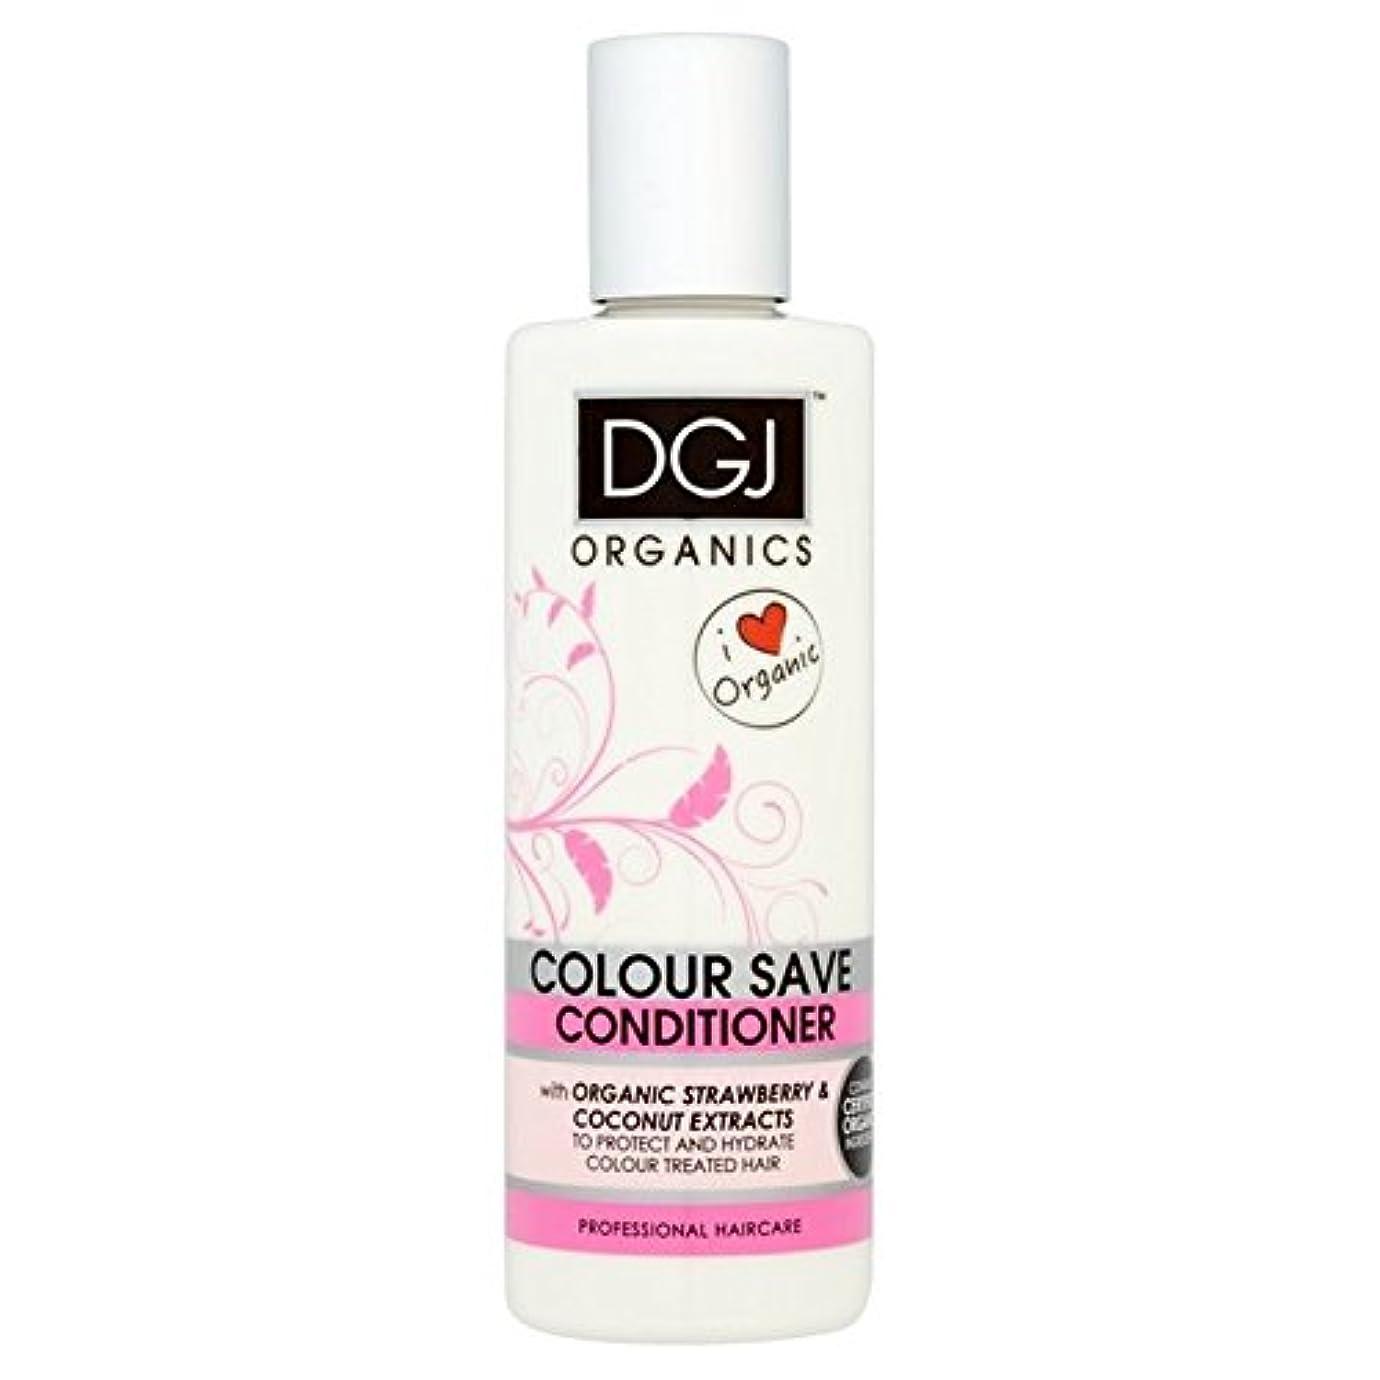 イチゴ無条件教科書有機物の色コンディショナー250を保存 x4 - DGJ Organics Colour Save Conditioner 250ml (Pack of 4) [並行輸入品]